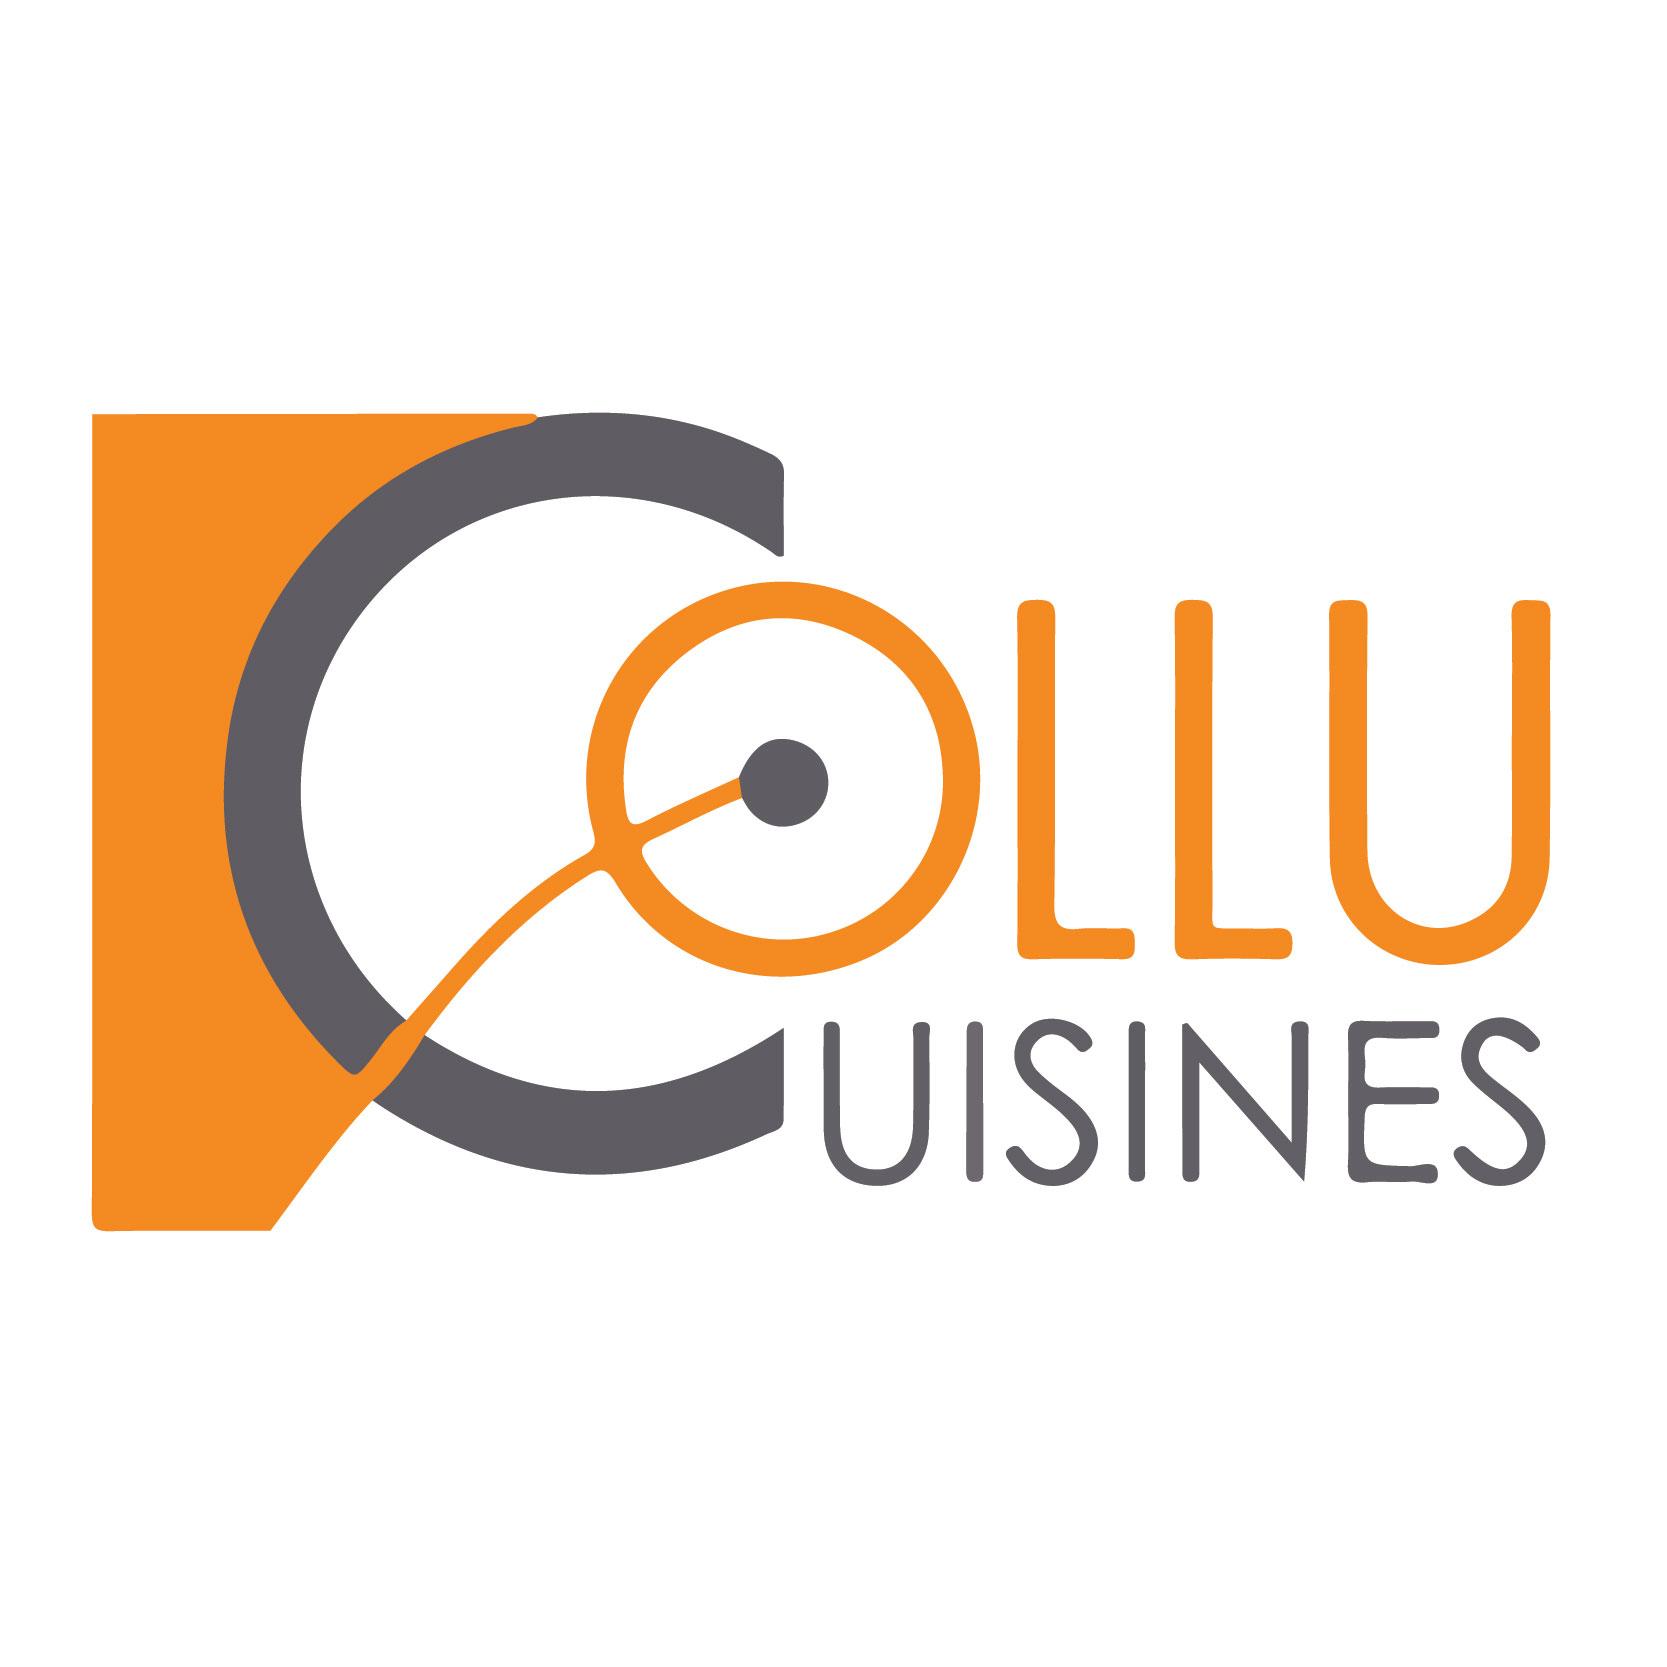 COLLU CUISINES